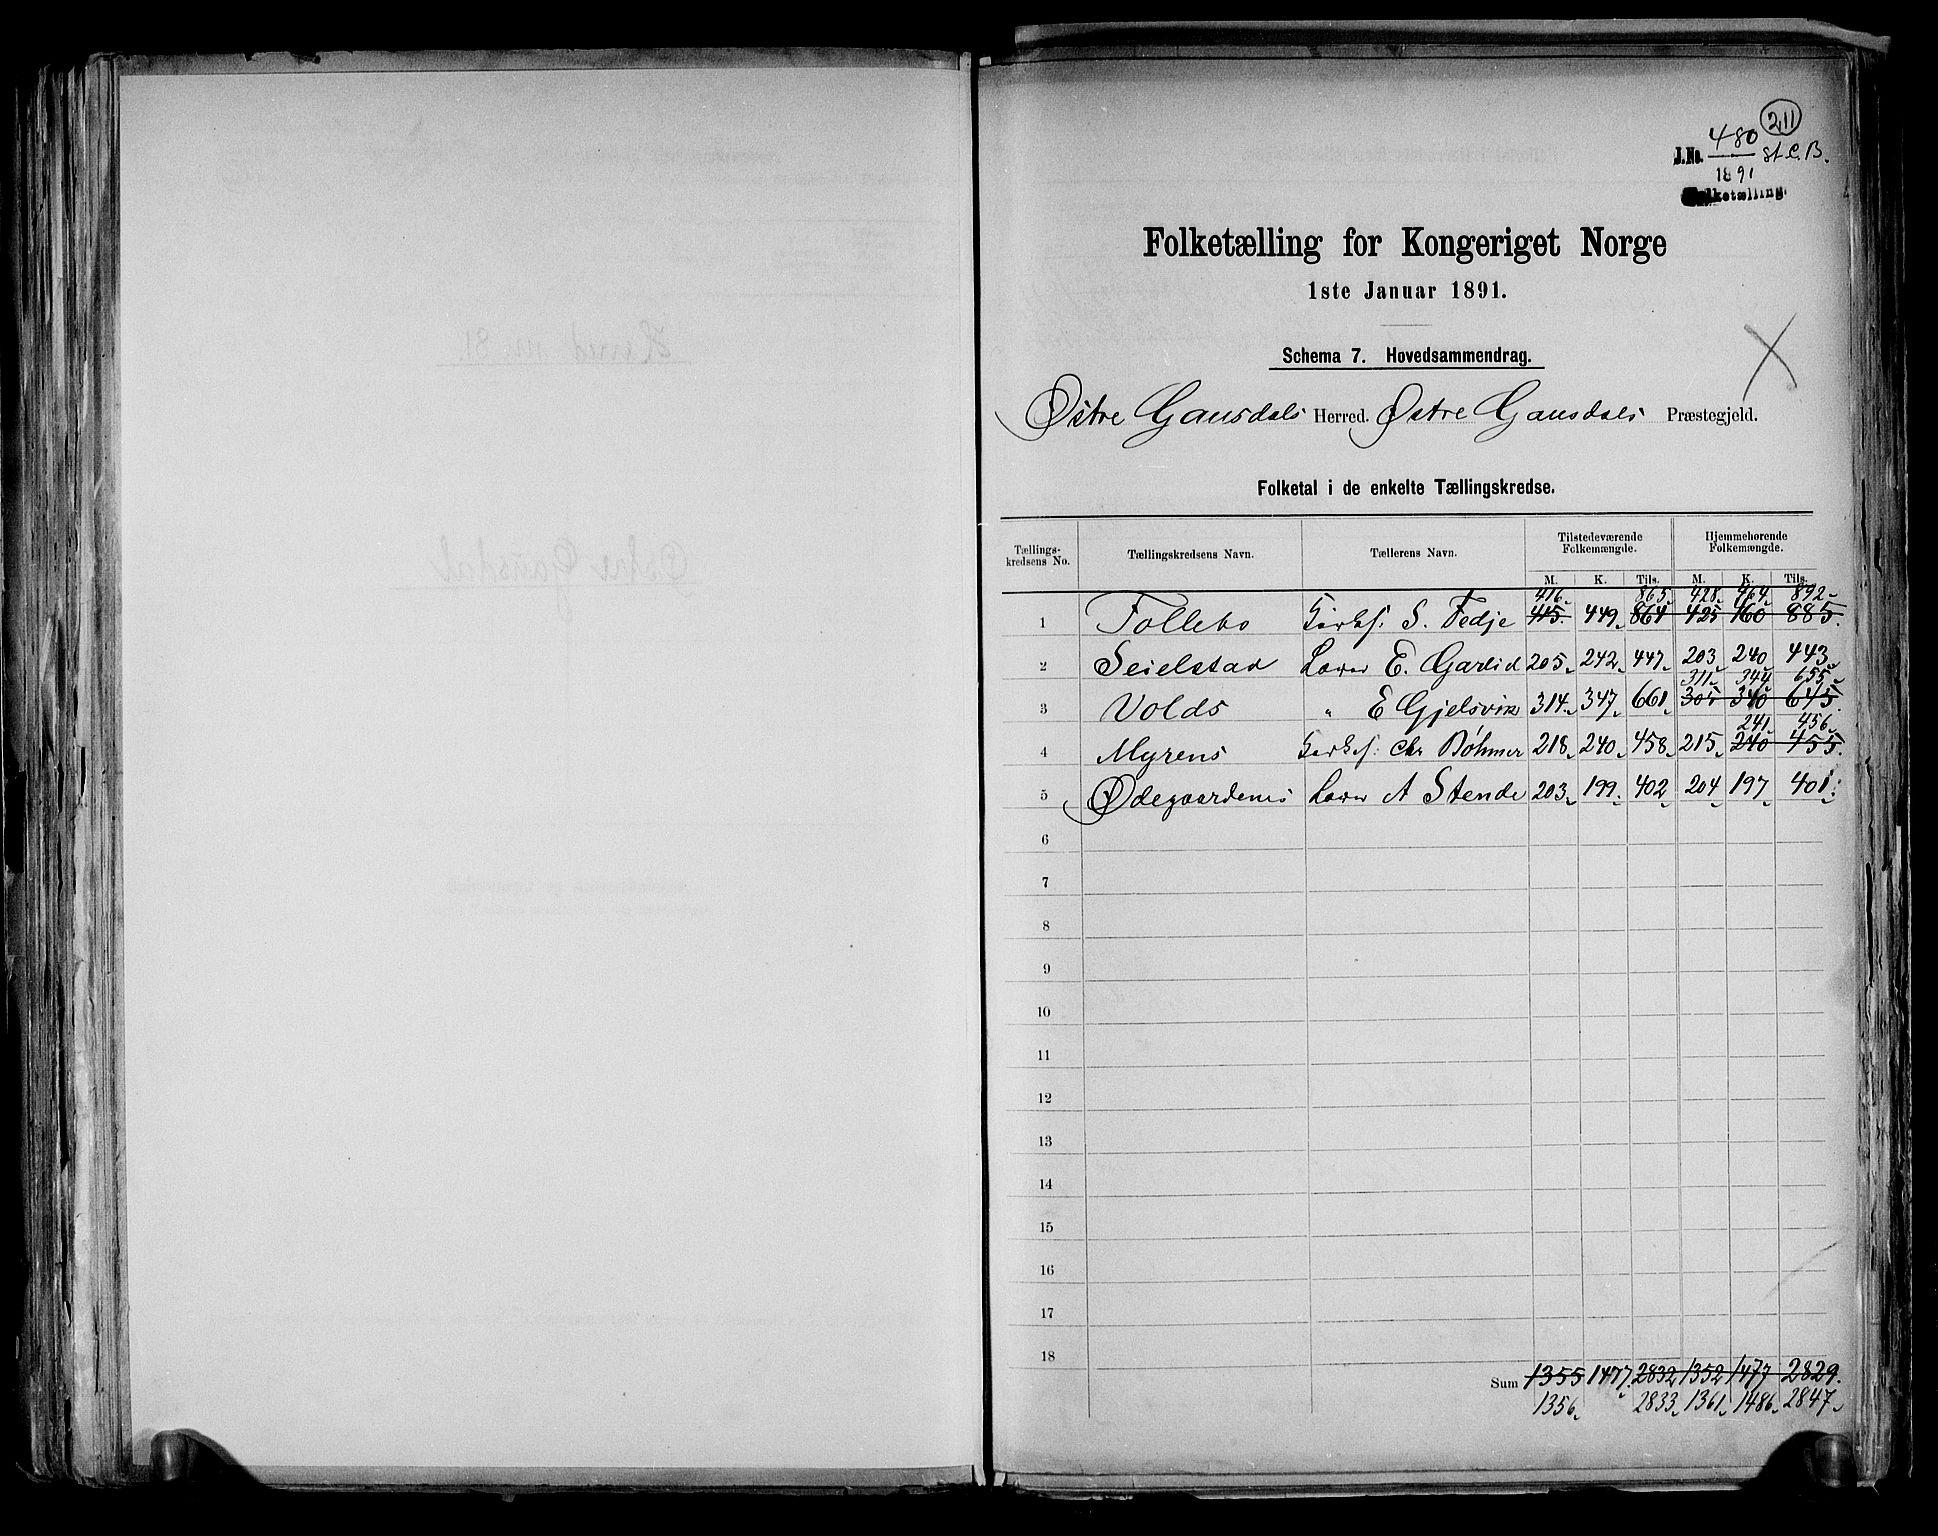 RA, Folketelling 1891 for 0522 Østre Gausdal herred, 1891, s. 2